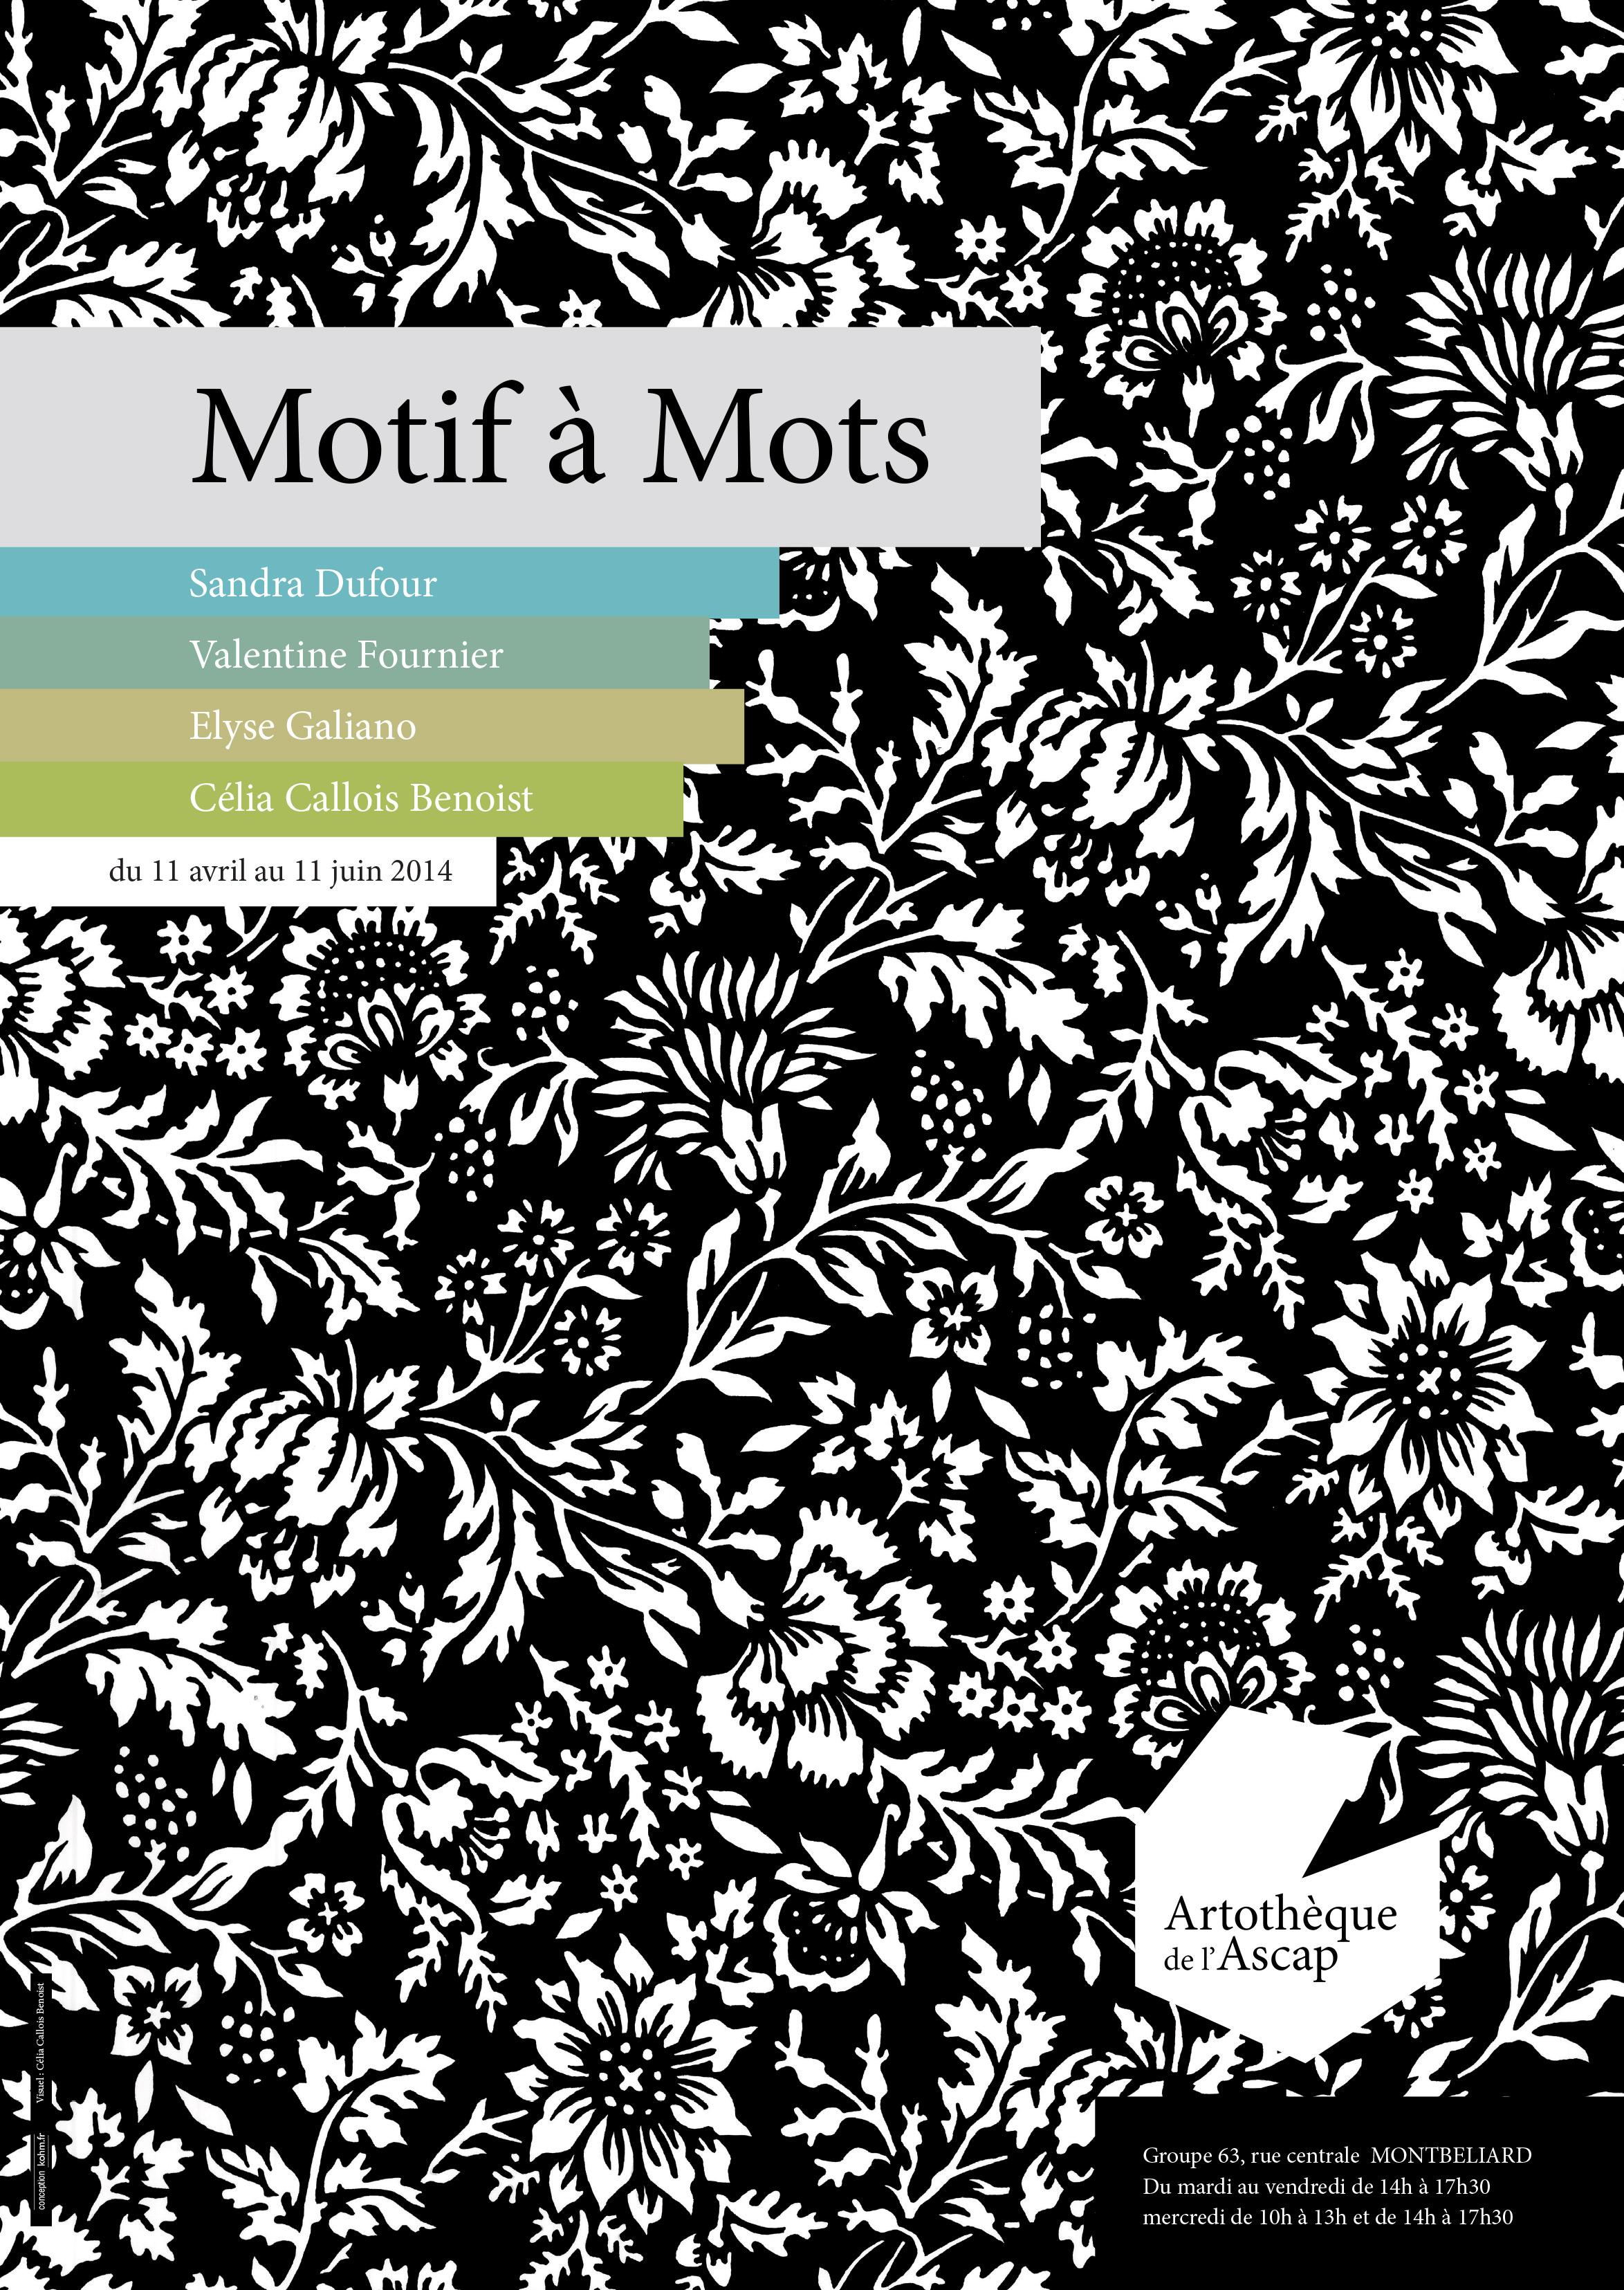 Cours De Dessin Montbéliard motif à mots | cnap